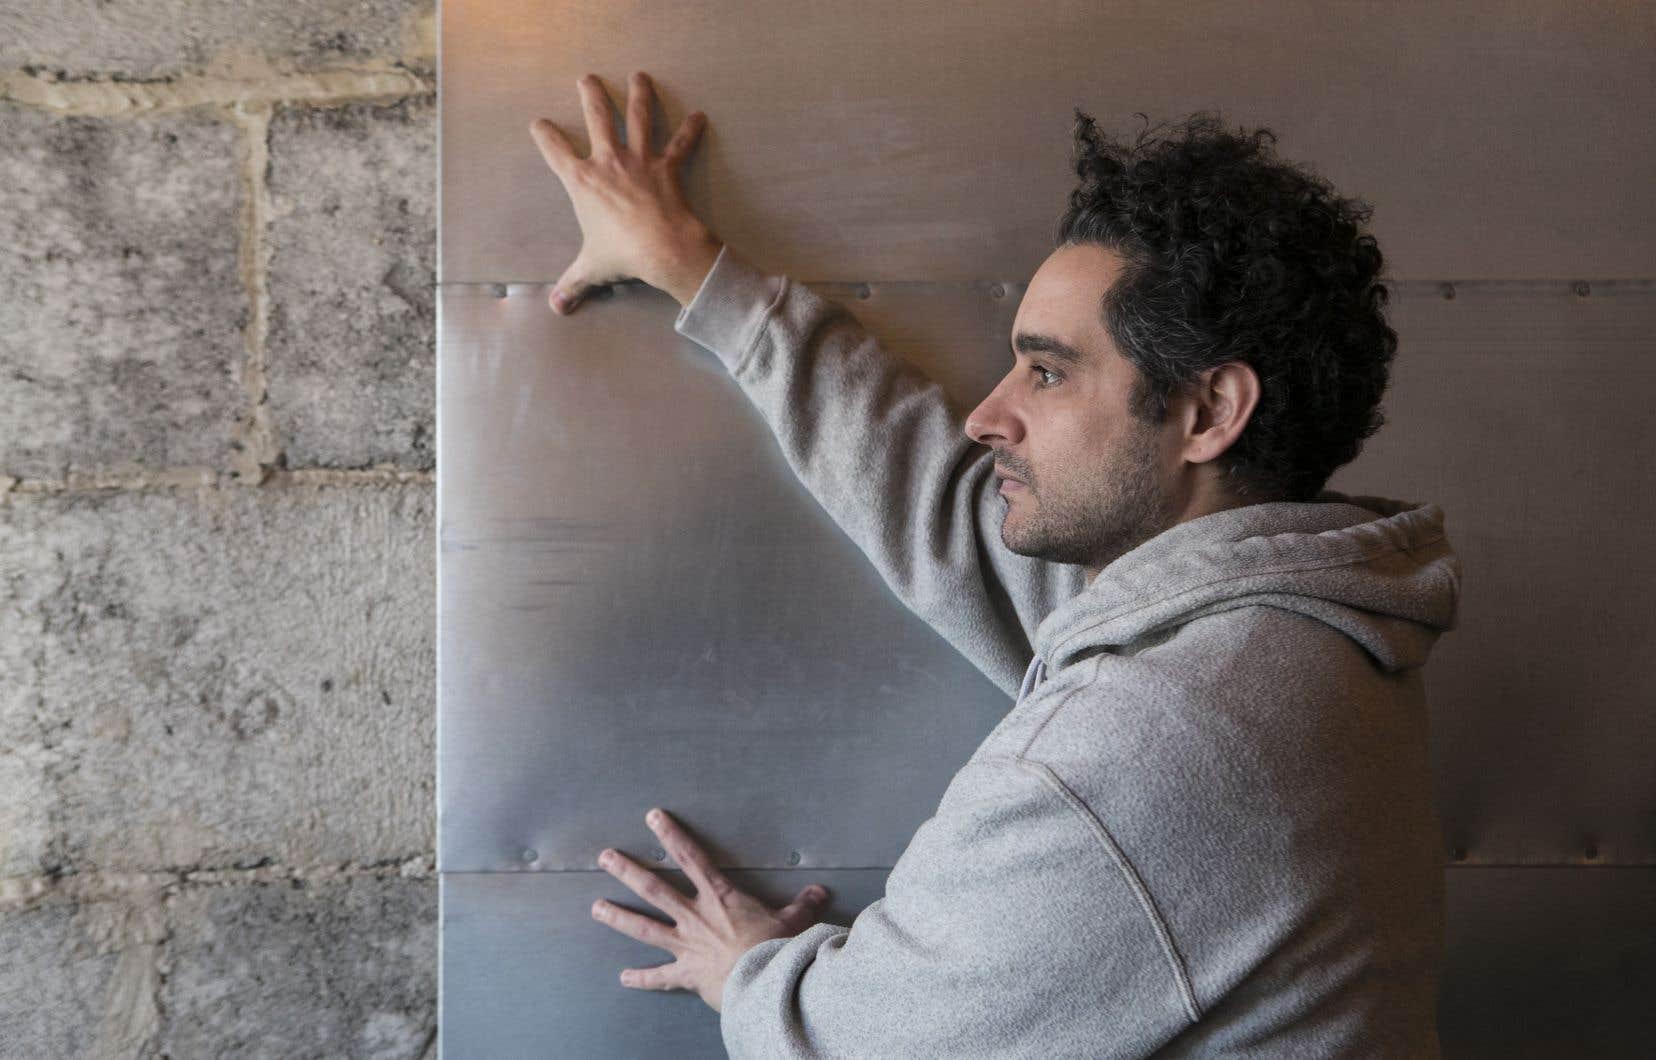 La notion d'intelligence émotionnelle qui se matérialise par l'interaction entre danseurs et public est, pour Ismaël Mouaraki, une clé de voûte de «Phenomena».